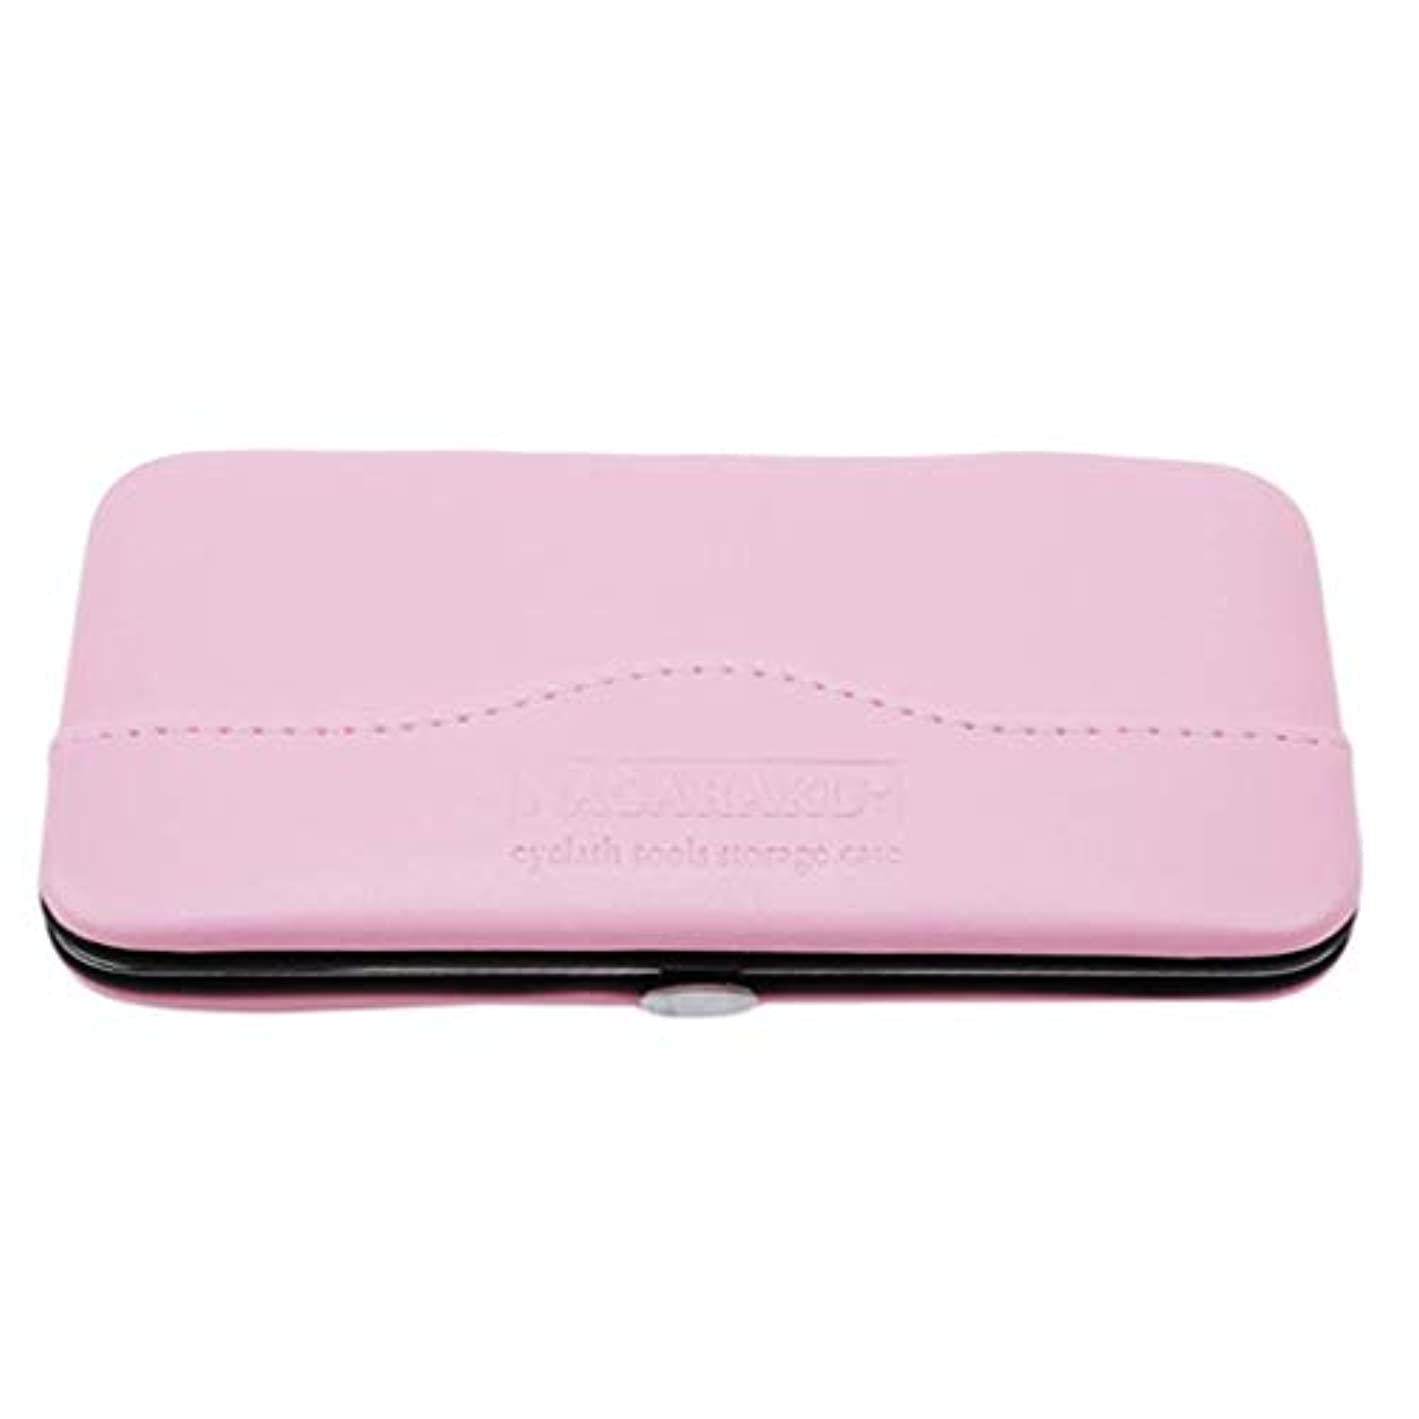 会計診断する頼む1st market プレミアム品質1ピース化粧道具バッグ用まつげエクステンションピンセット収納ボックスケース